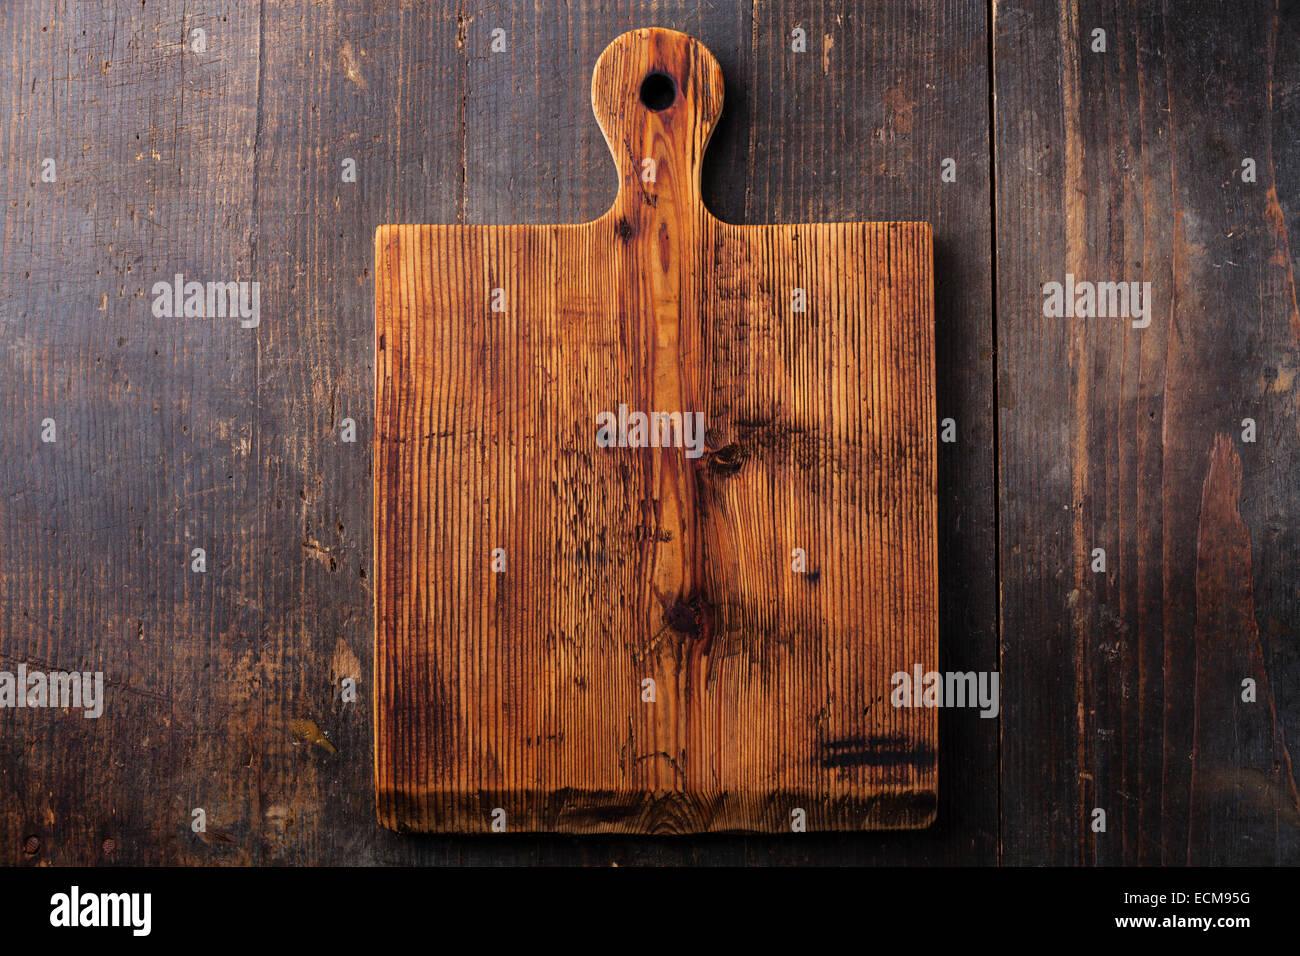 Planche à découper planche à découper sur fond de bois foncé Photo Stock